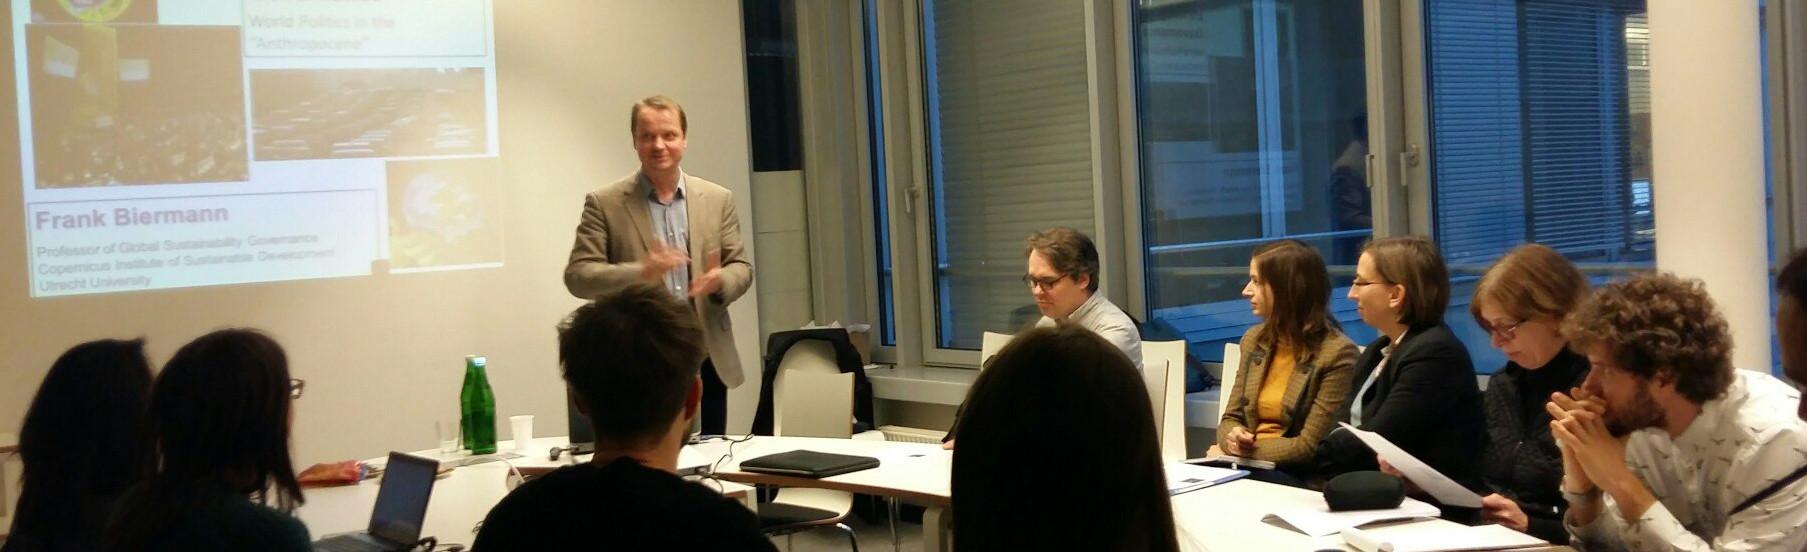 WINS Seminar Biermann